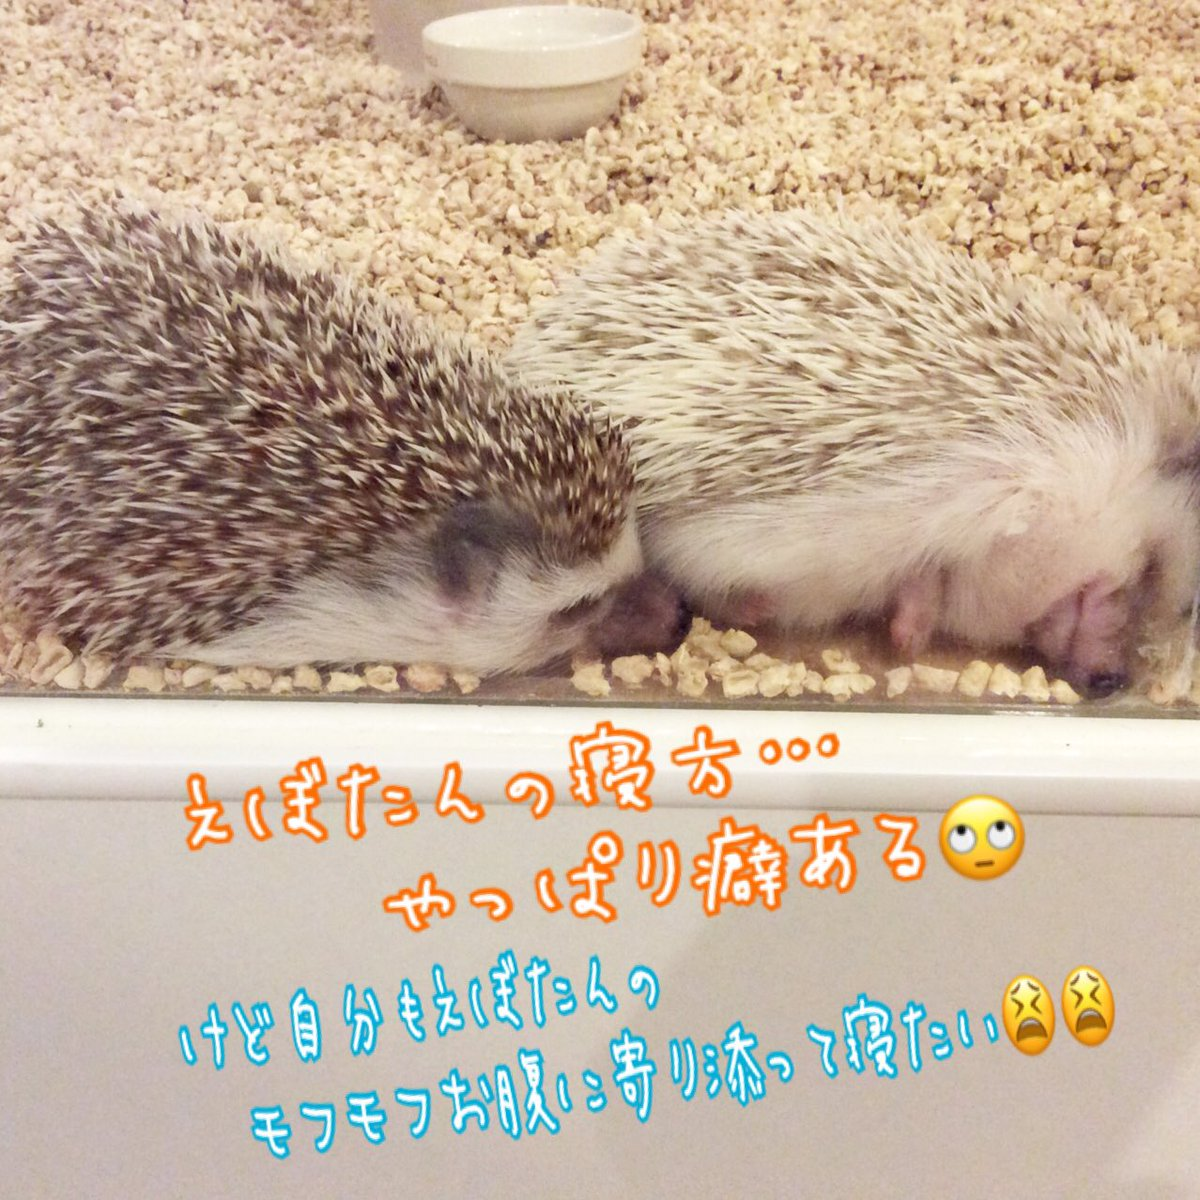 ハリネズミ(hedgehog) ふれあいカフェ